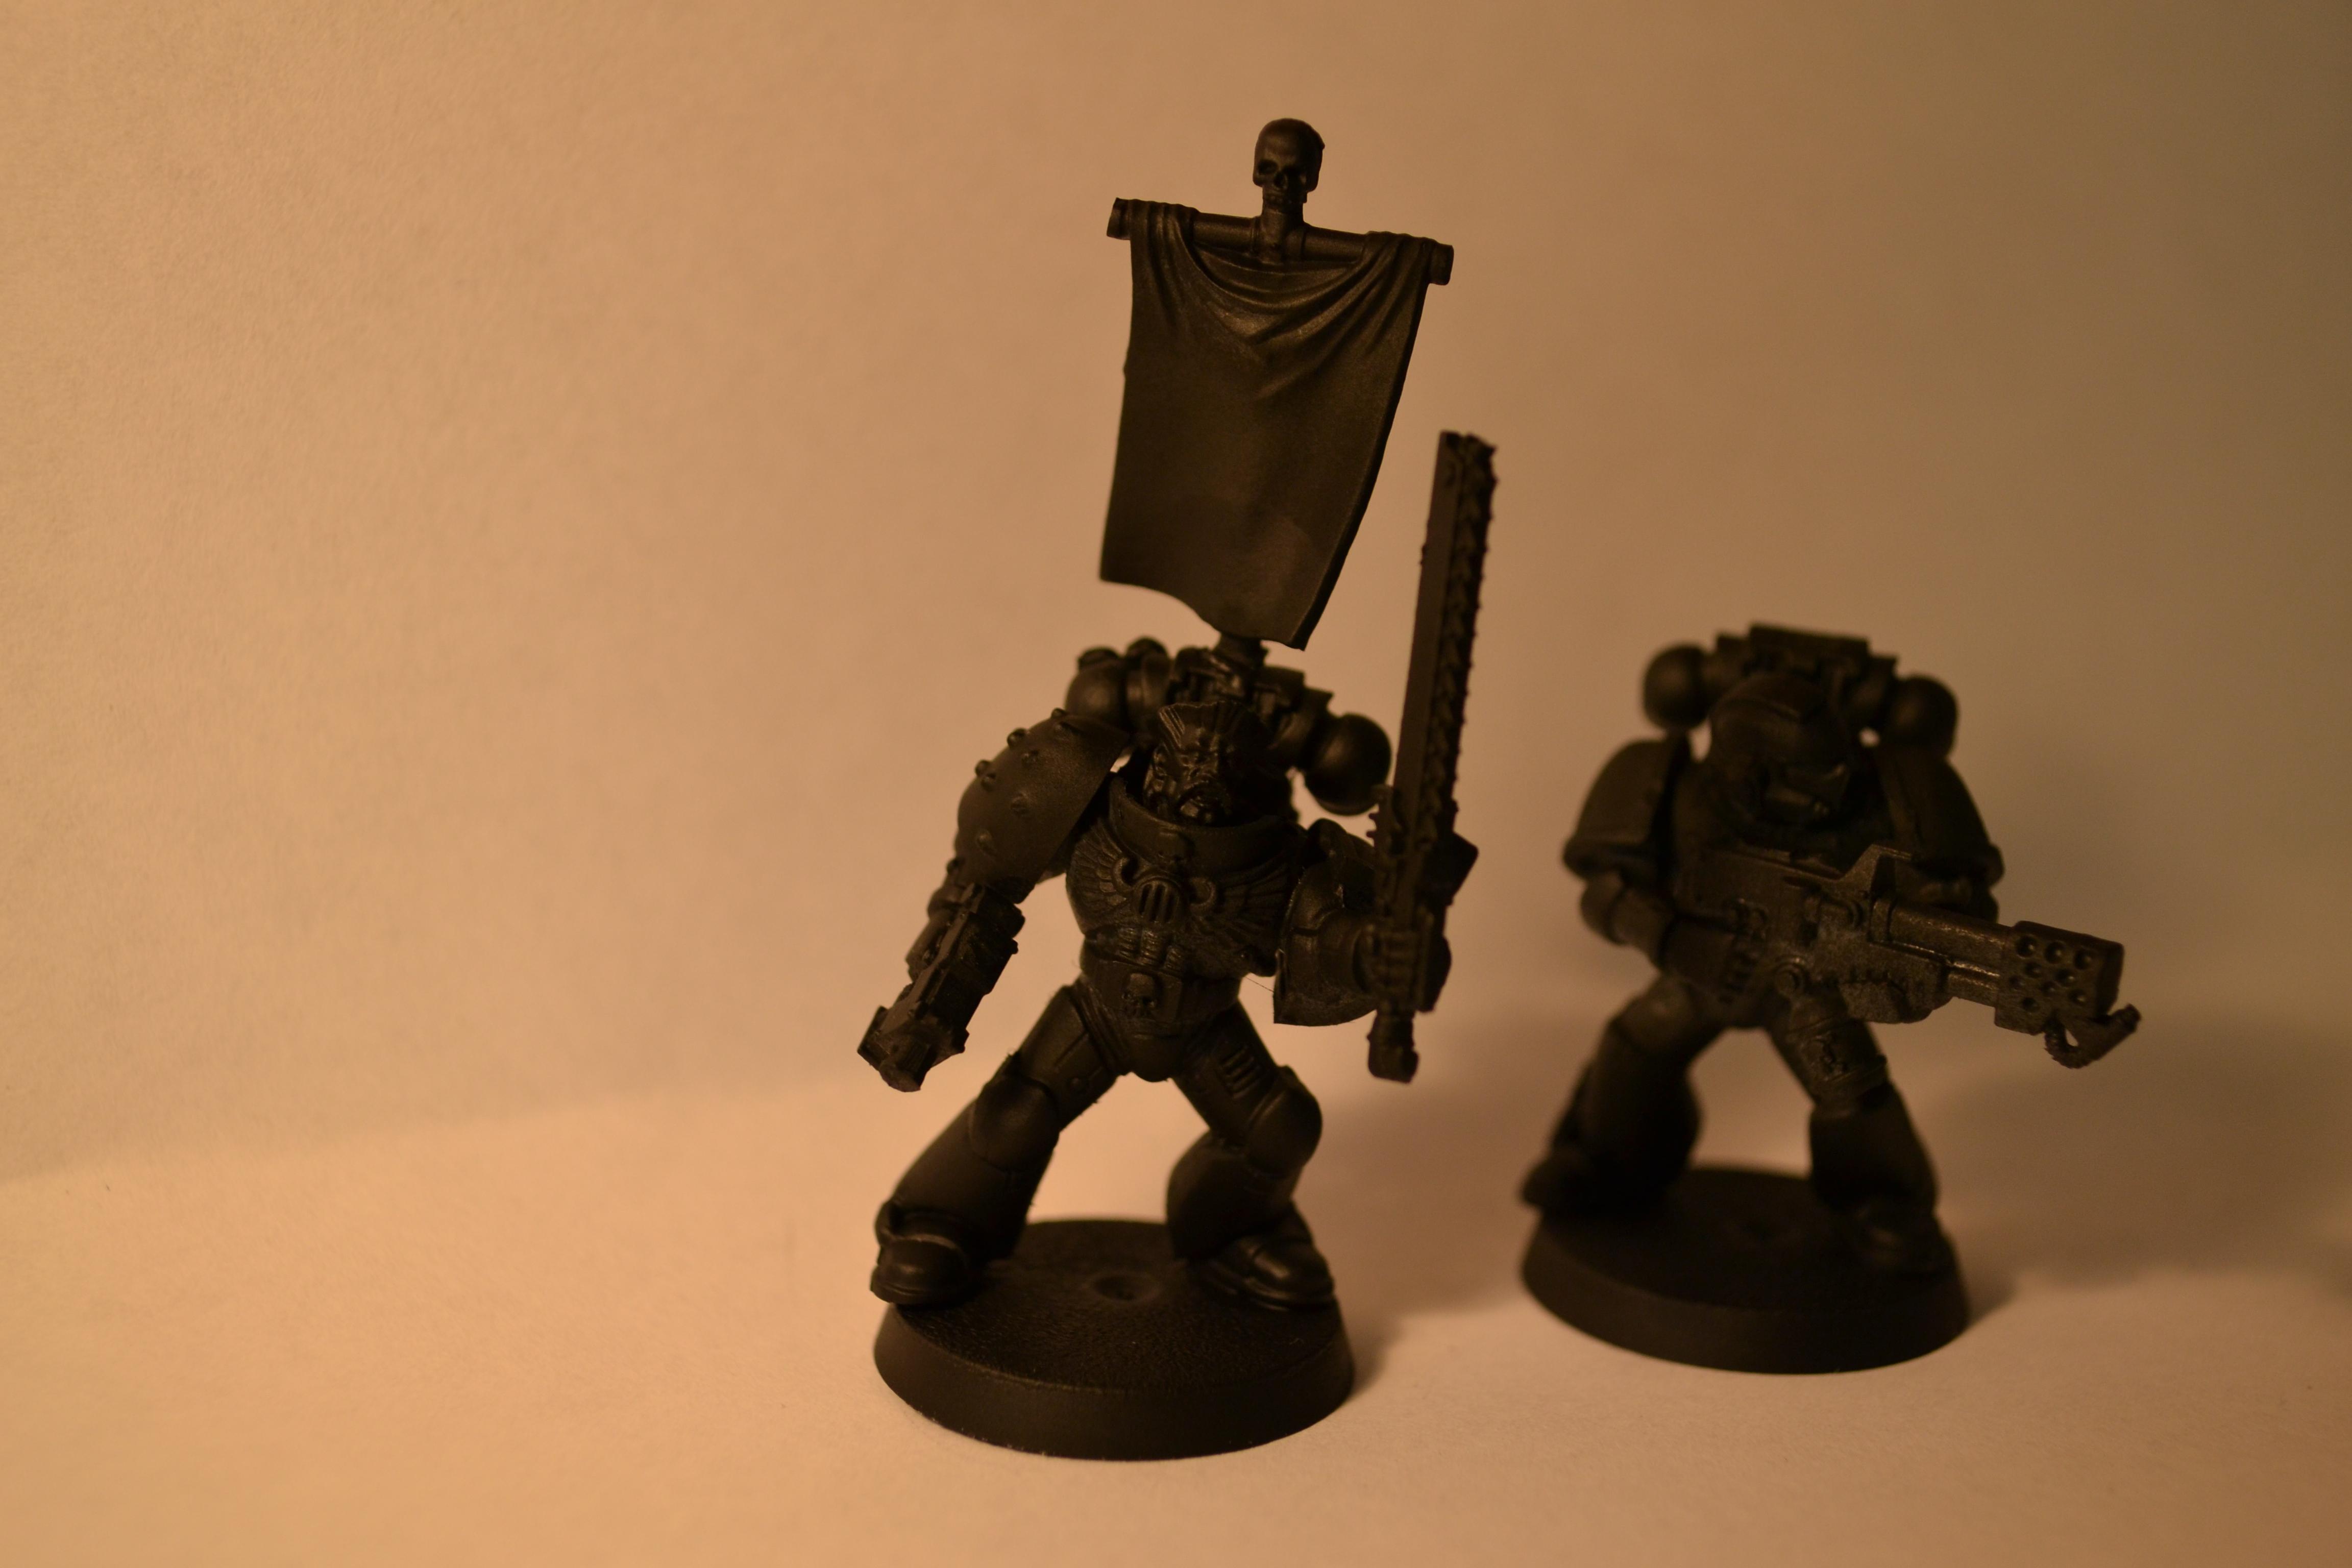 4th Company, 4th Company Ultramarines, Assembled, Black, Company, Space Marines, Ultramarines, Work In Progress